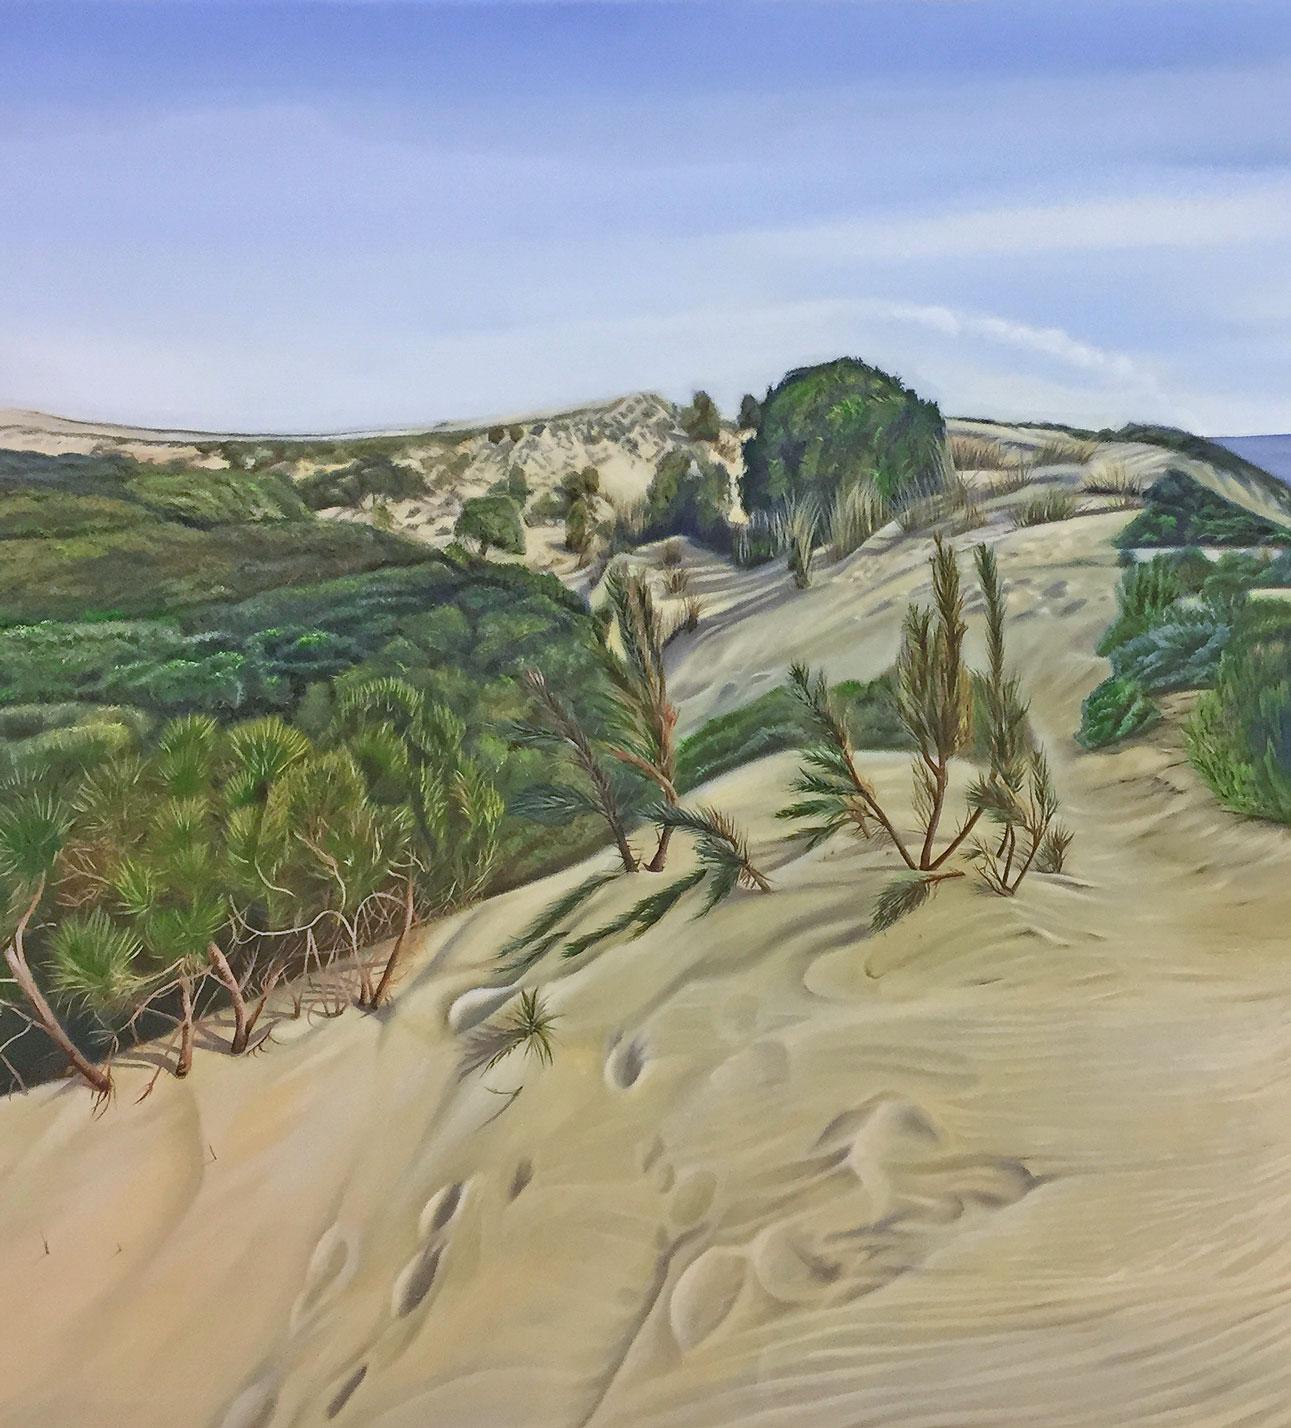 Dune and pine tree